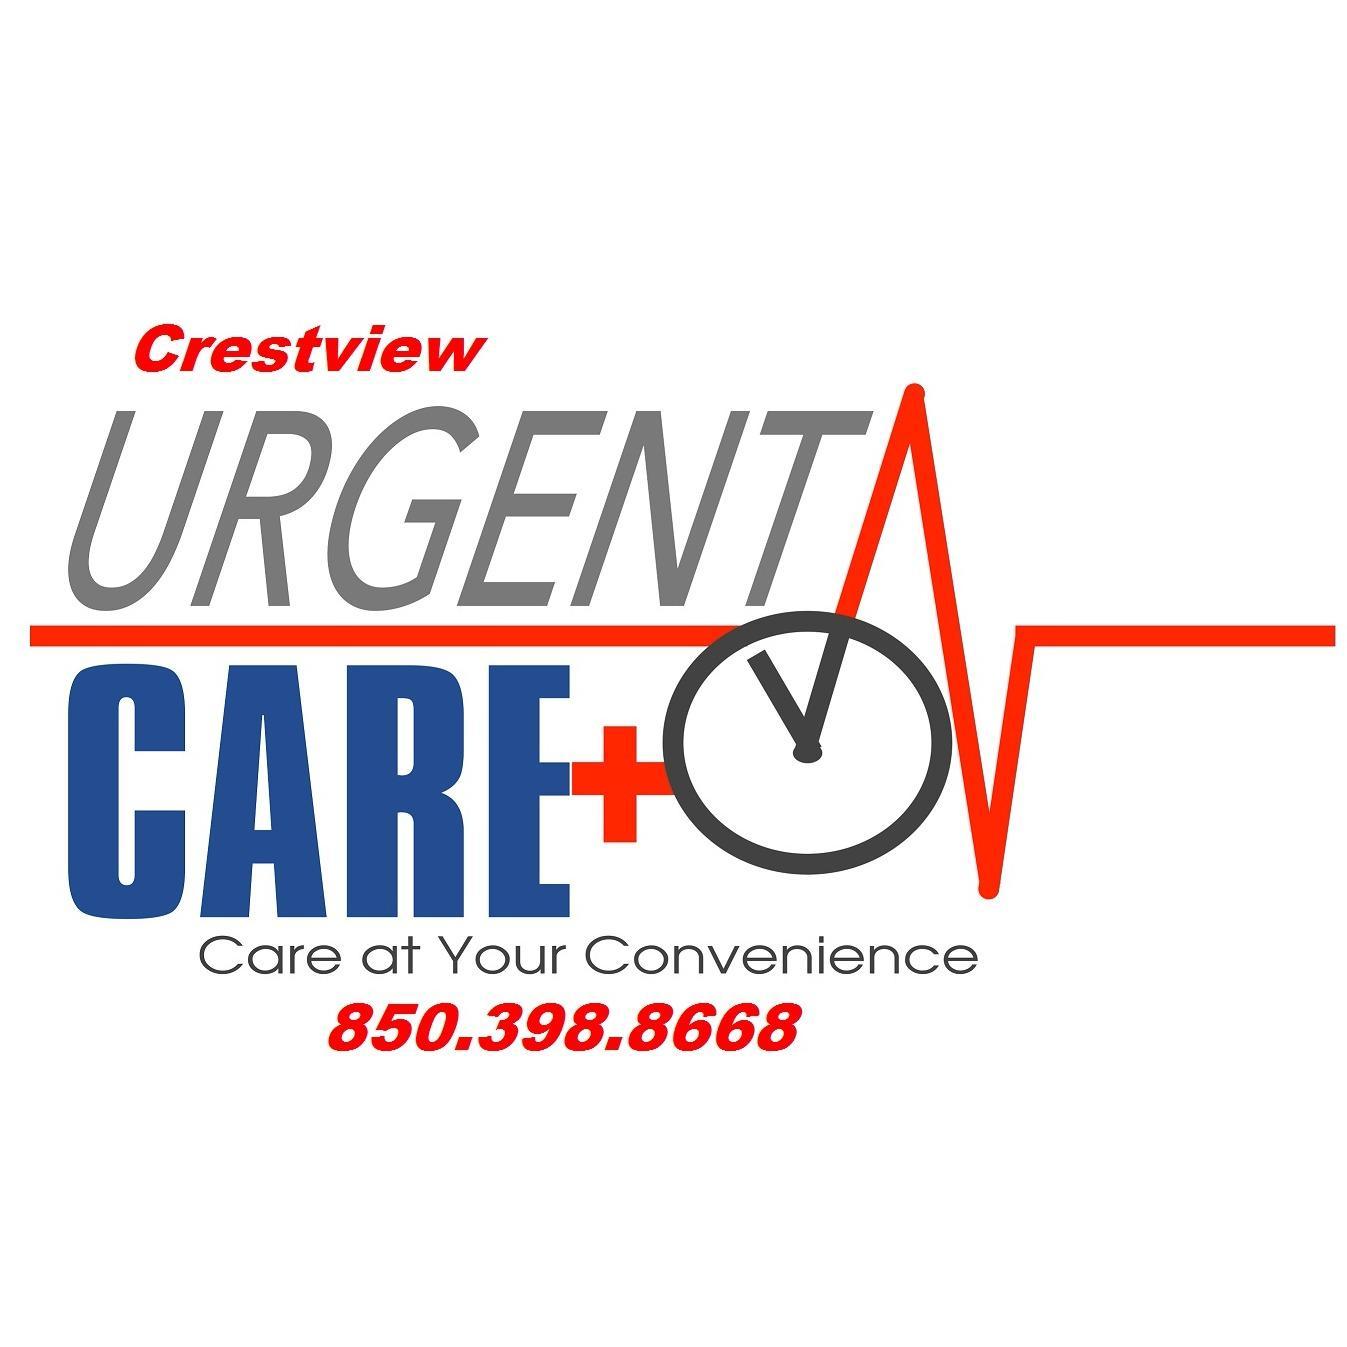 Crestview Urgent Care